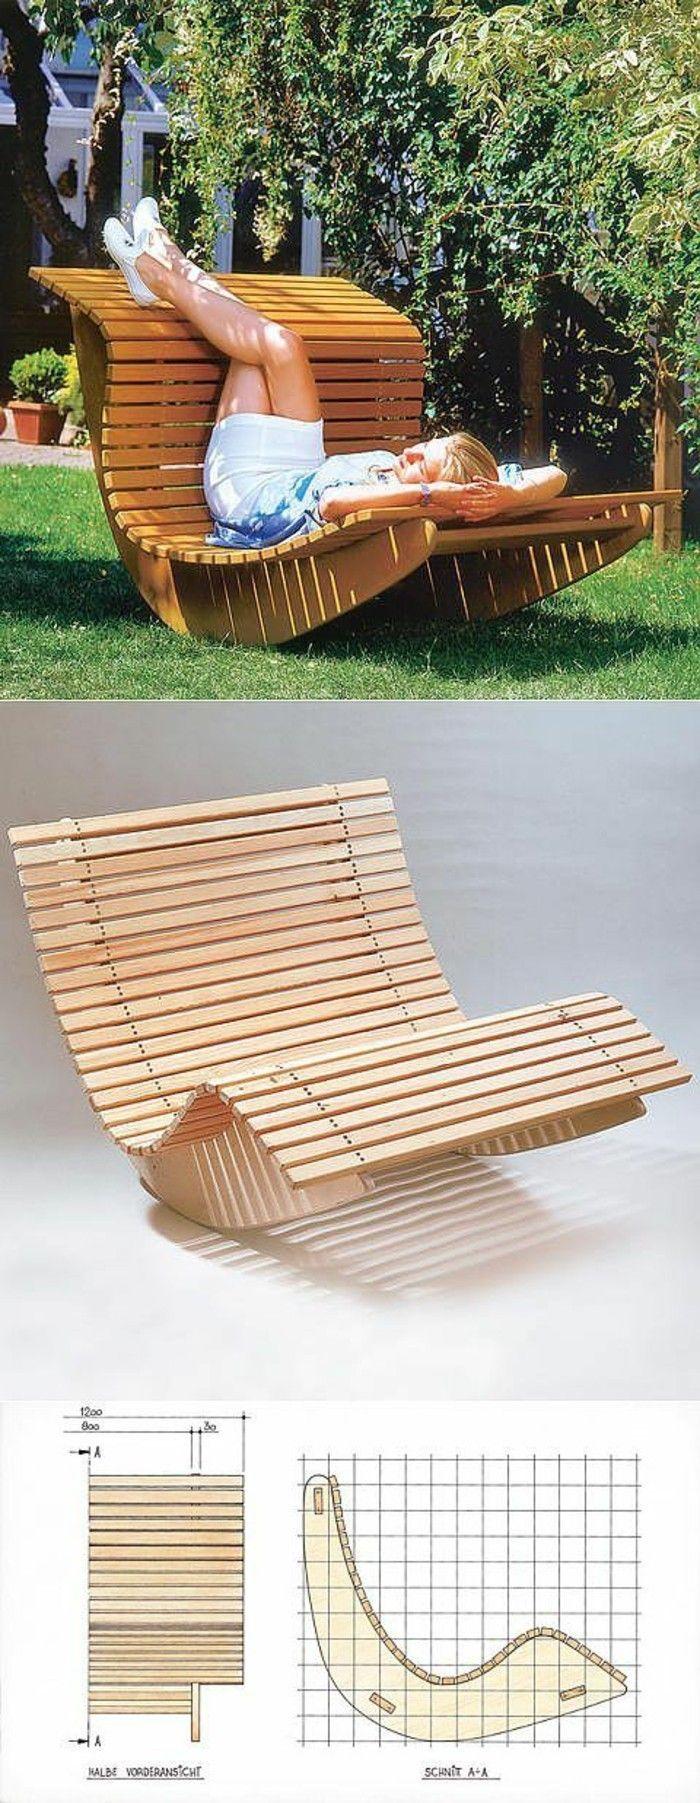 Diy Mobel Aus Holz Selber Bauen In 2020 Diy Outdoor Mobel Diy Gartenmobel Do It Yourself Mobel